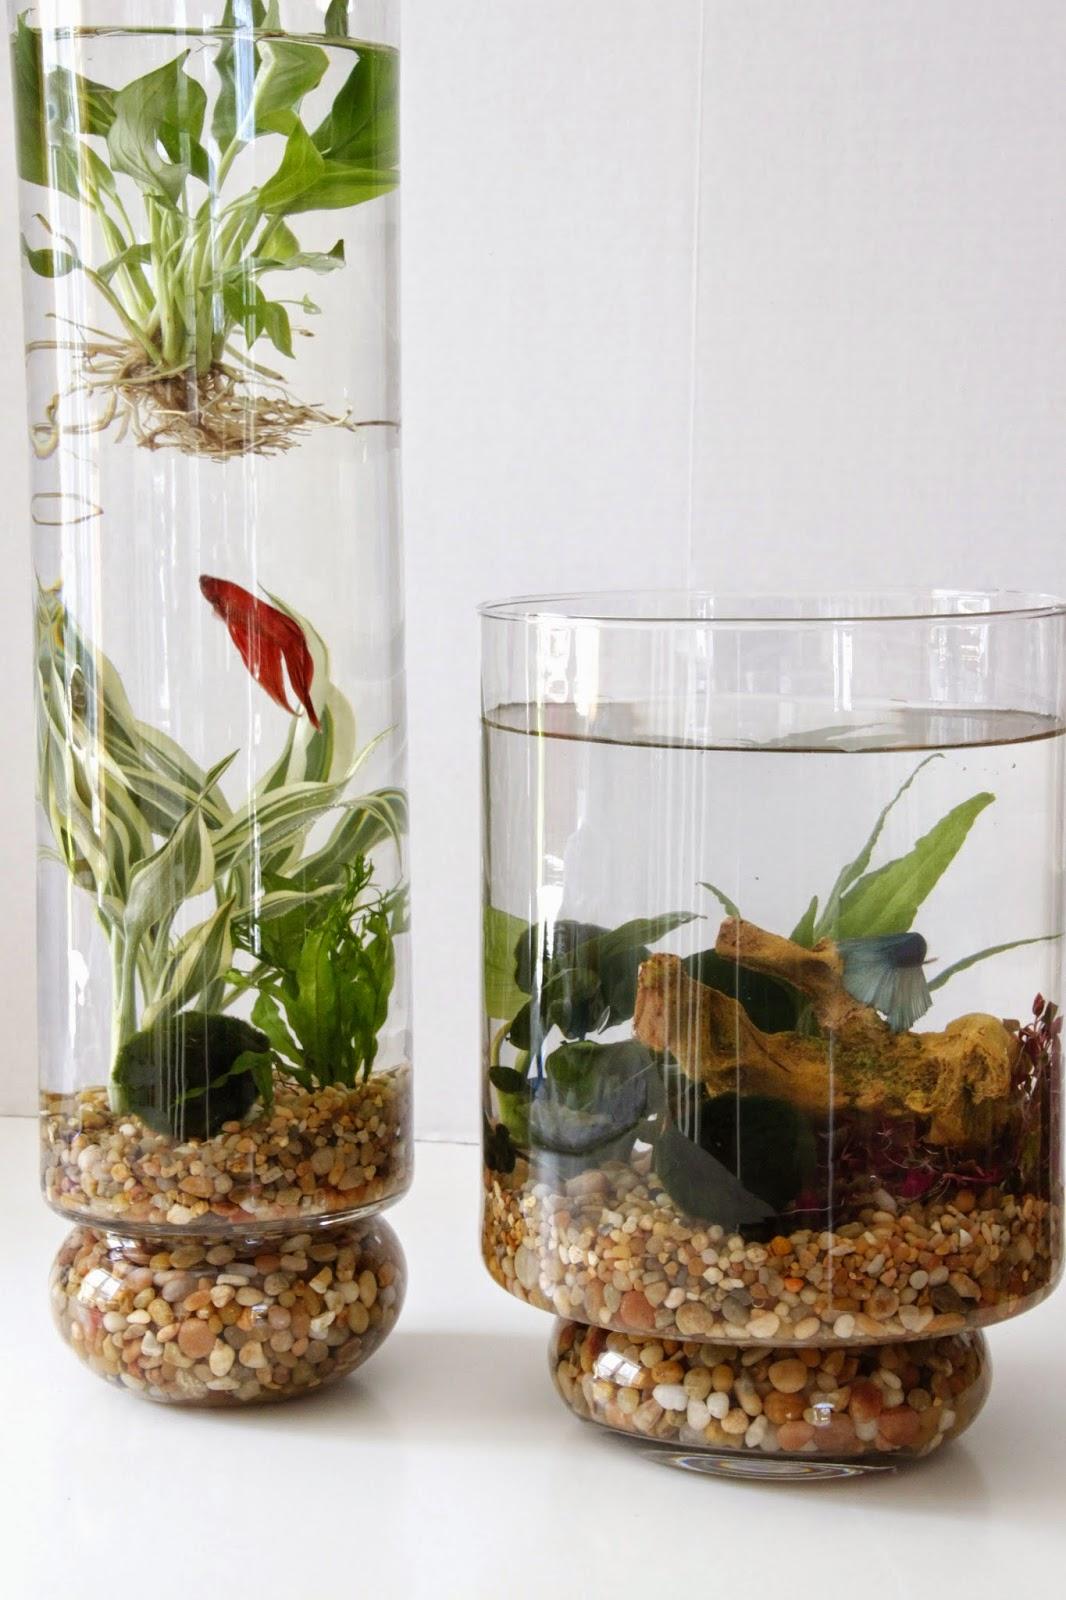 diy water garden - Diy Indoor Garden